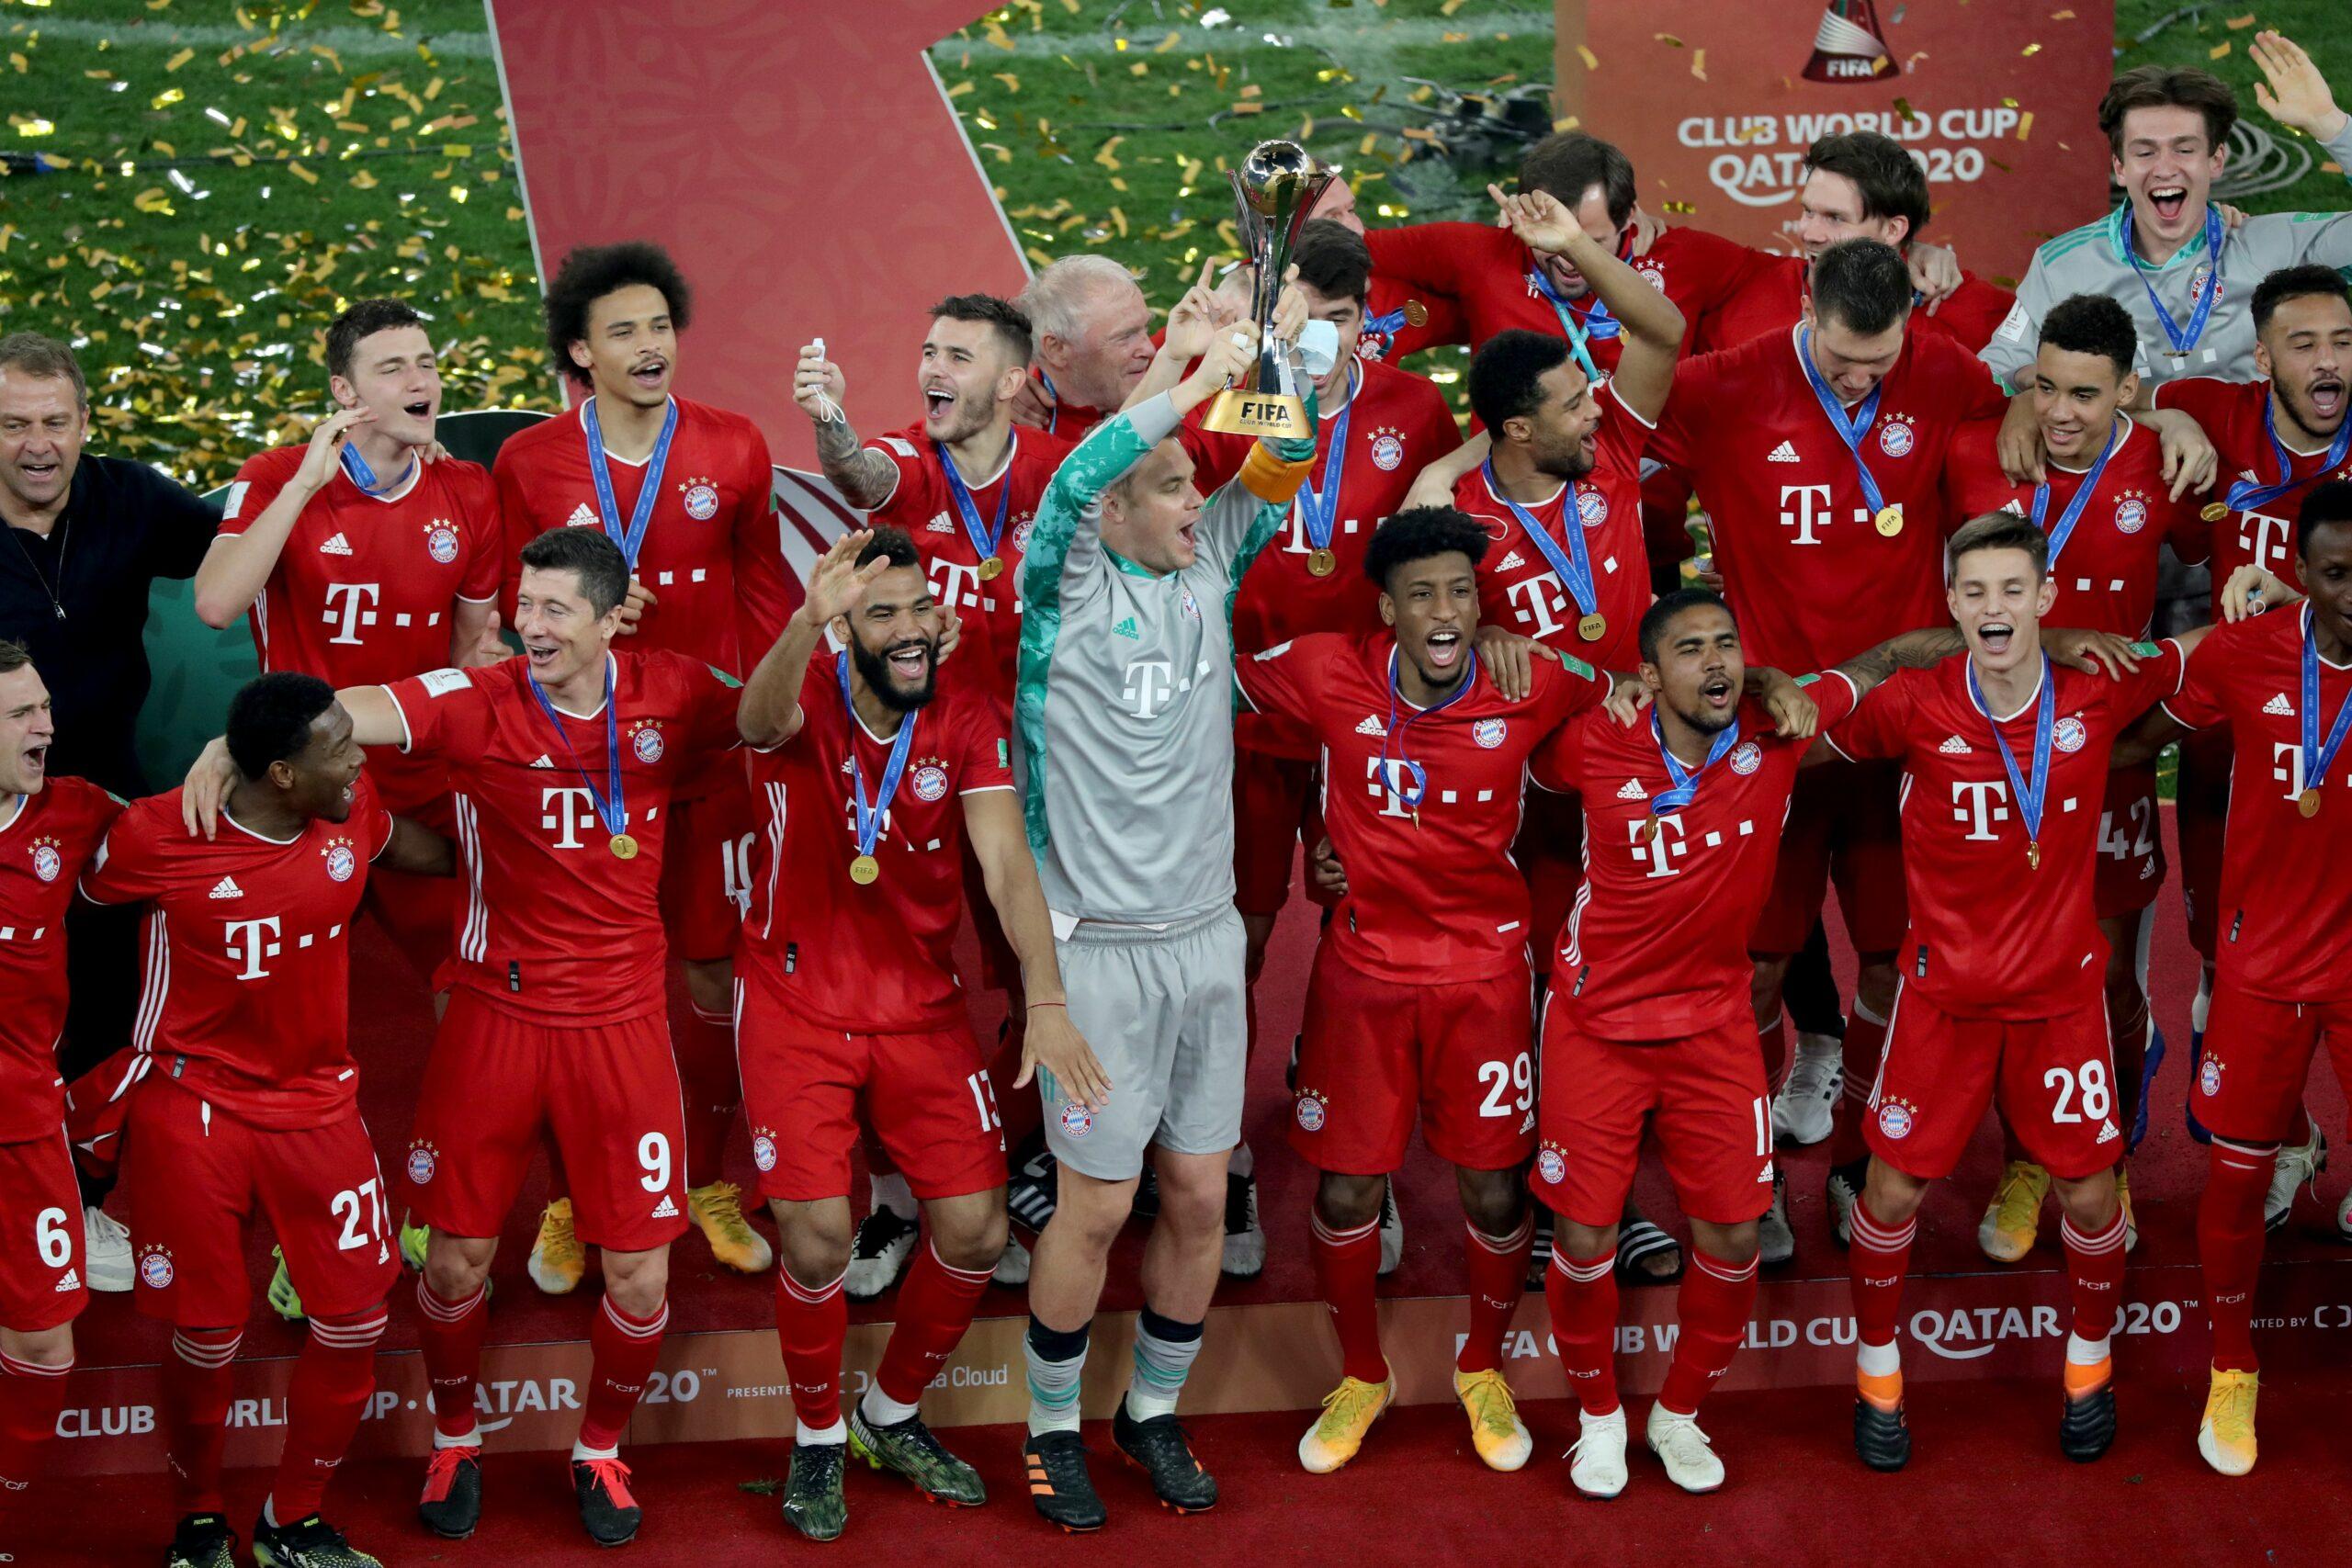 FC Bayern Klub-WM